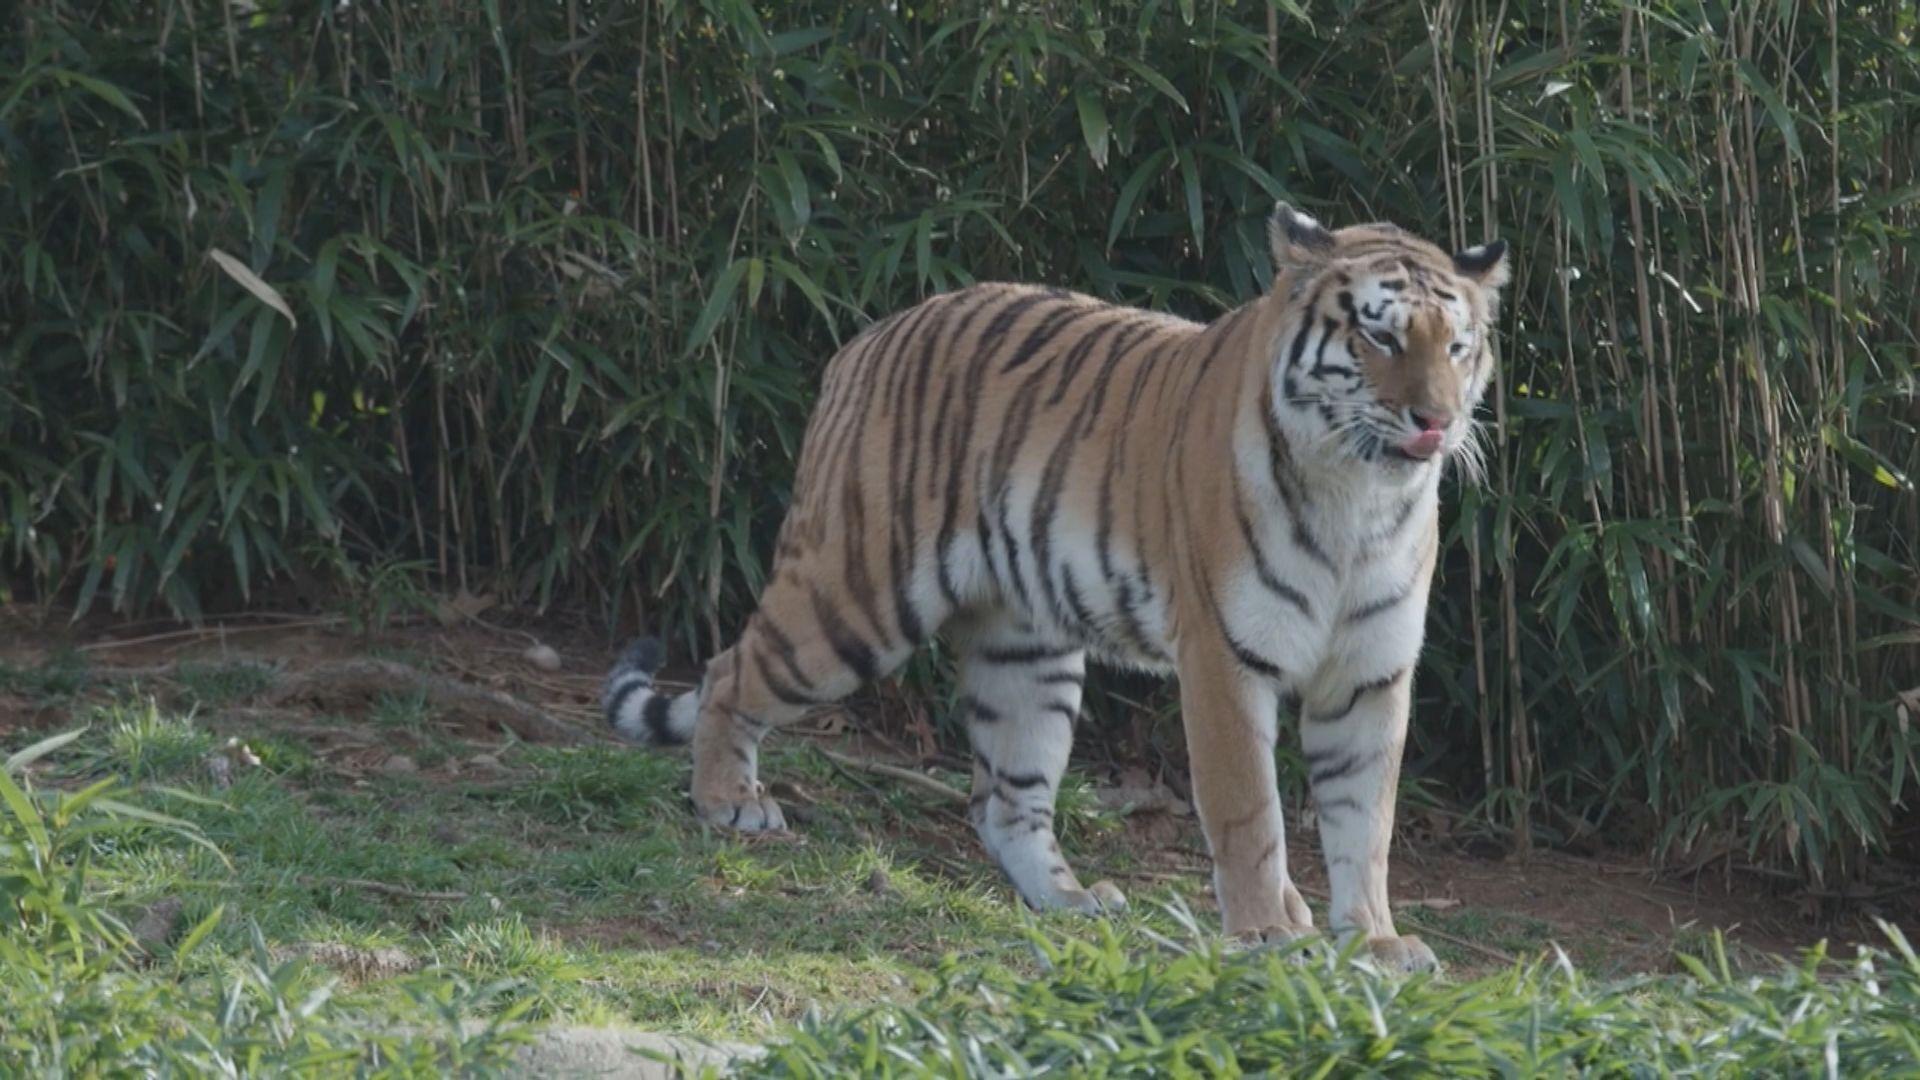 美國國家動物園九隻獅子老虎感染新冠病毒